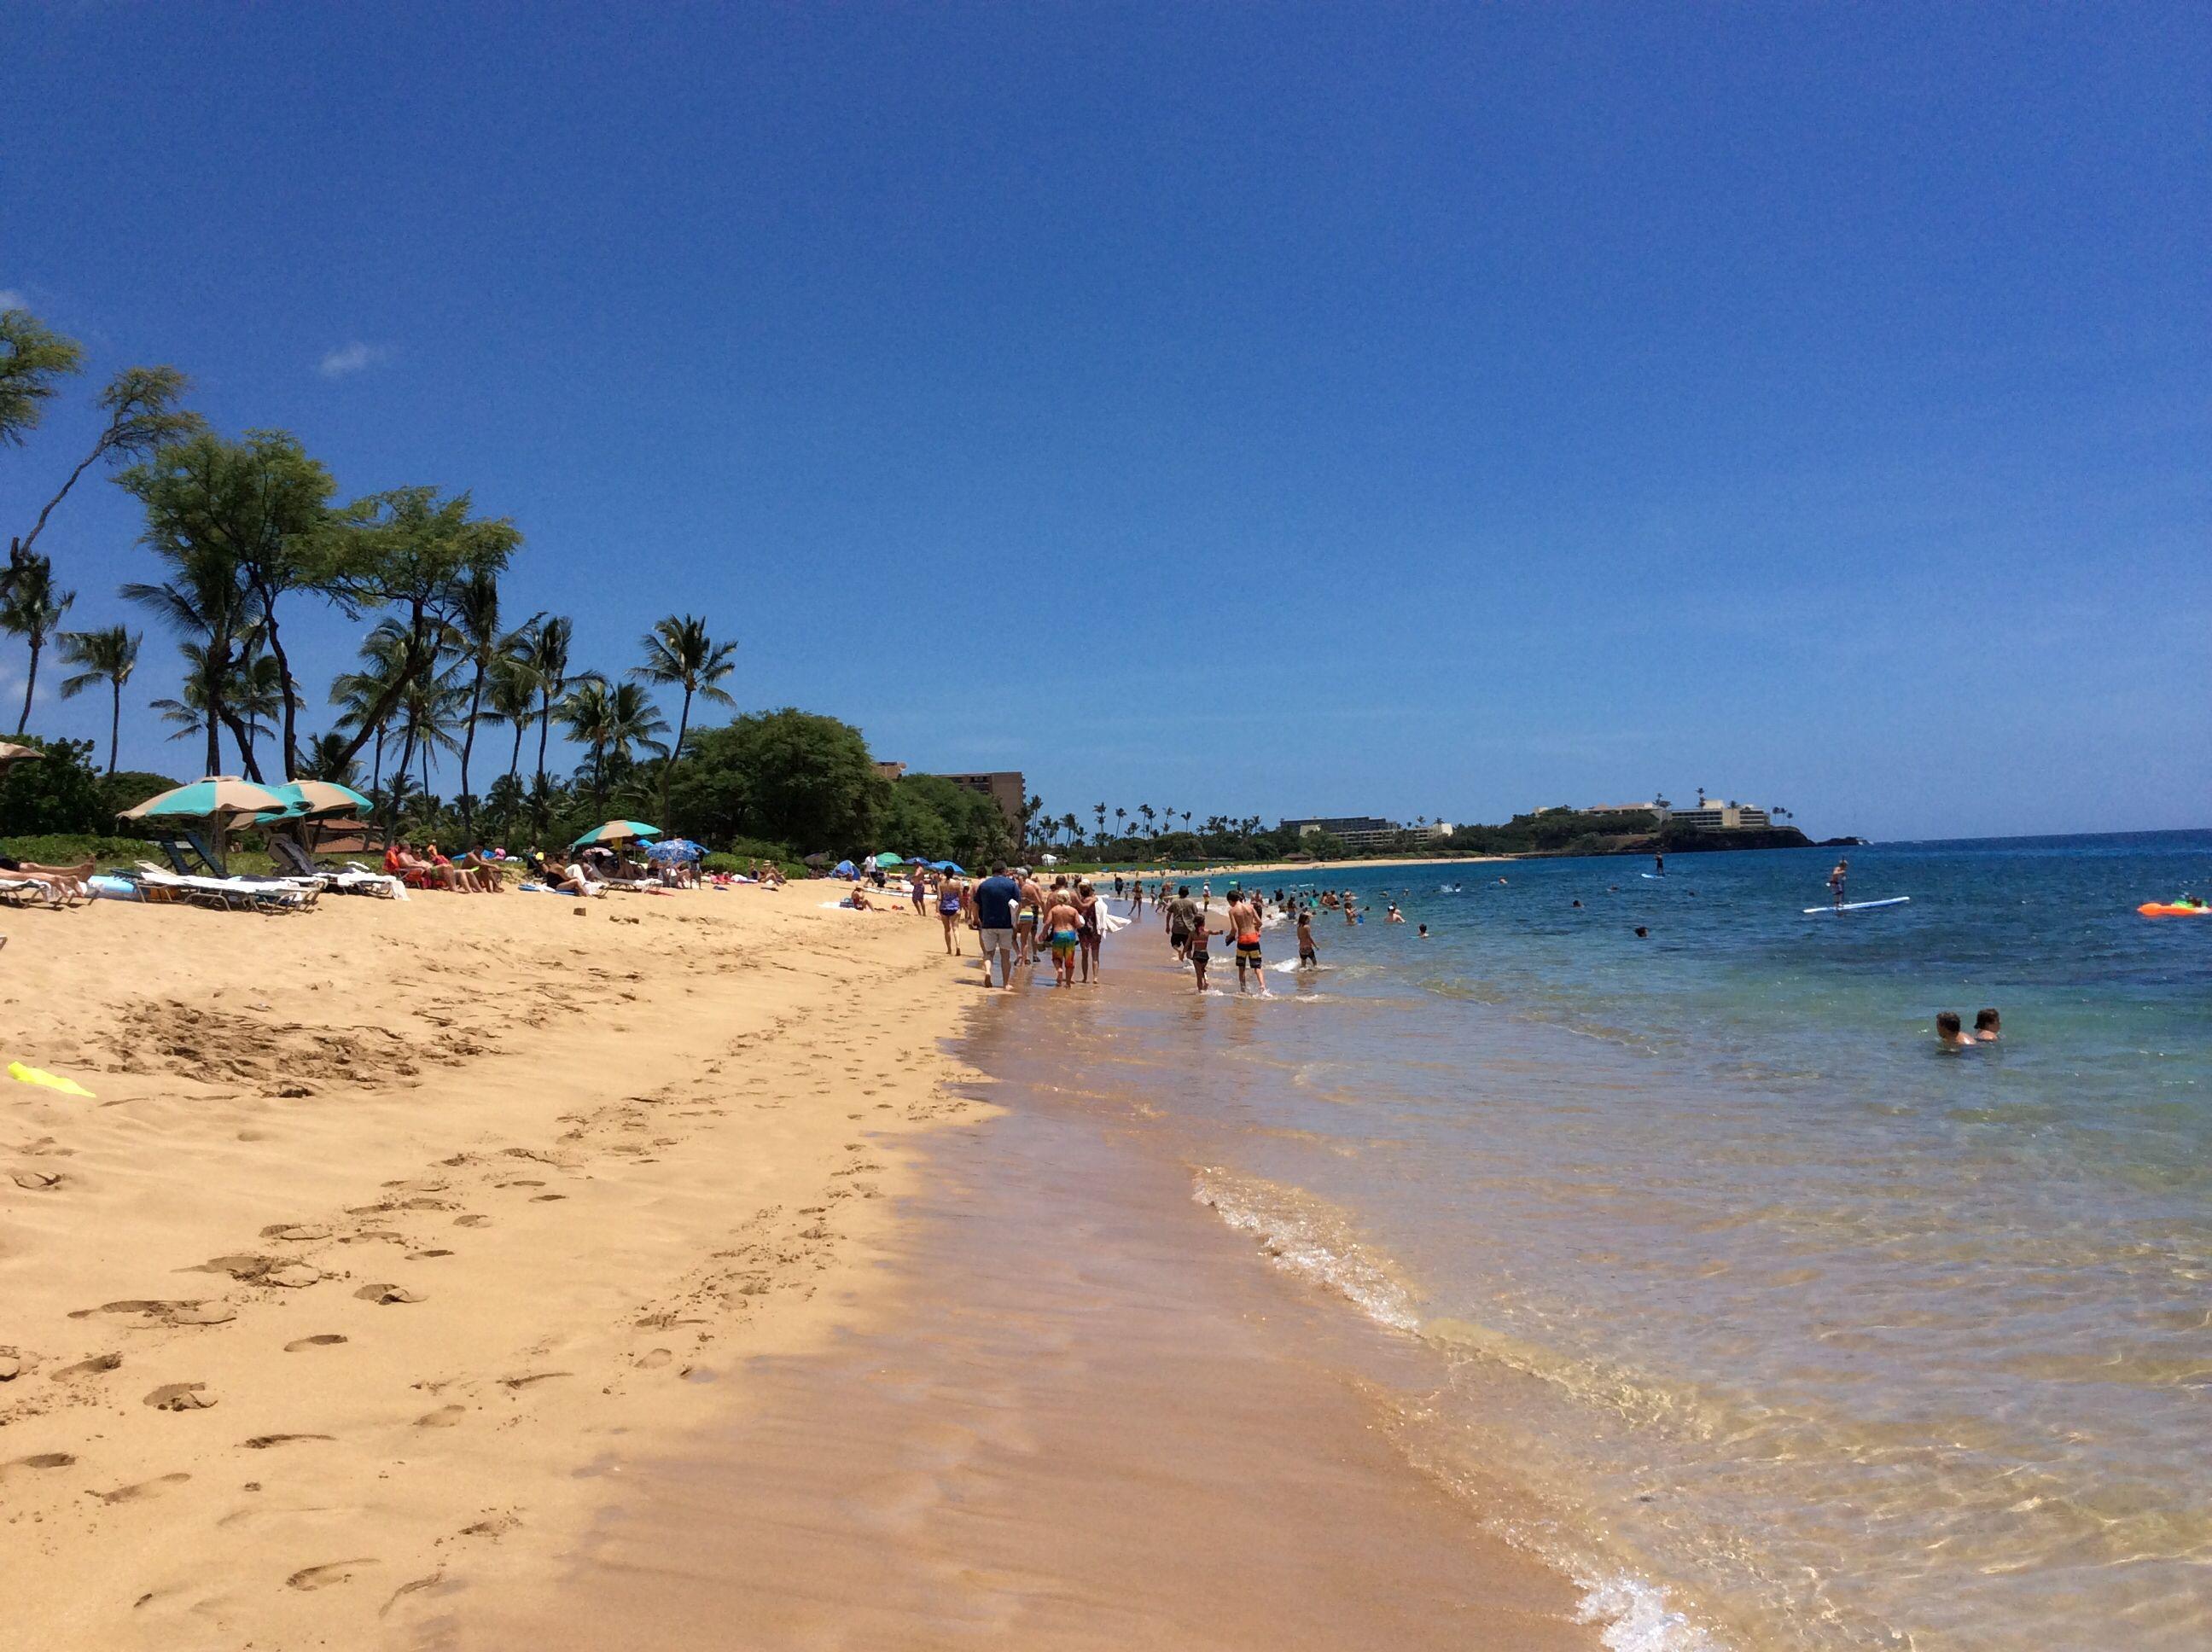 North Kaanapali Beach Looking South To Black Rock Maui Hawaii July 2017